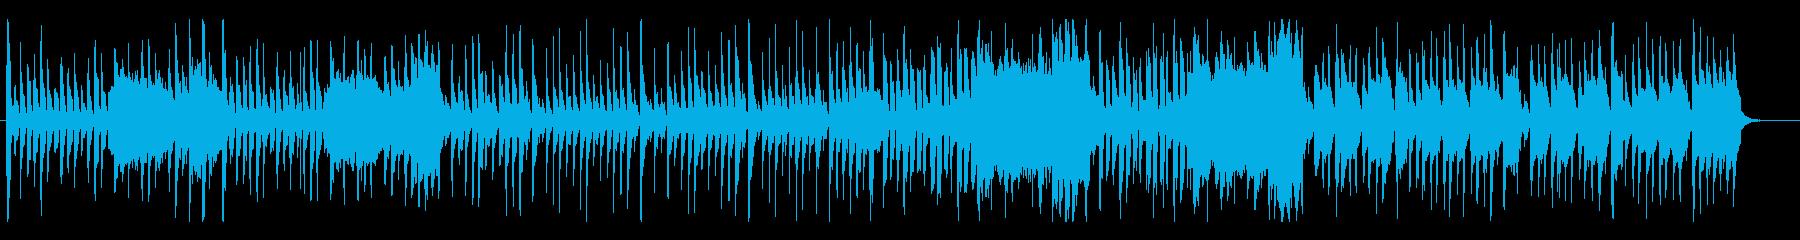 ピコピコしたポップで楽しげなアコギBGMの再生済みの波形